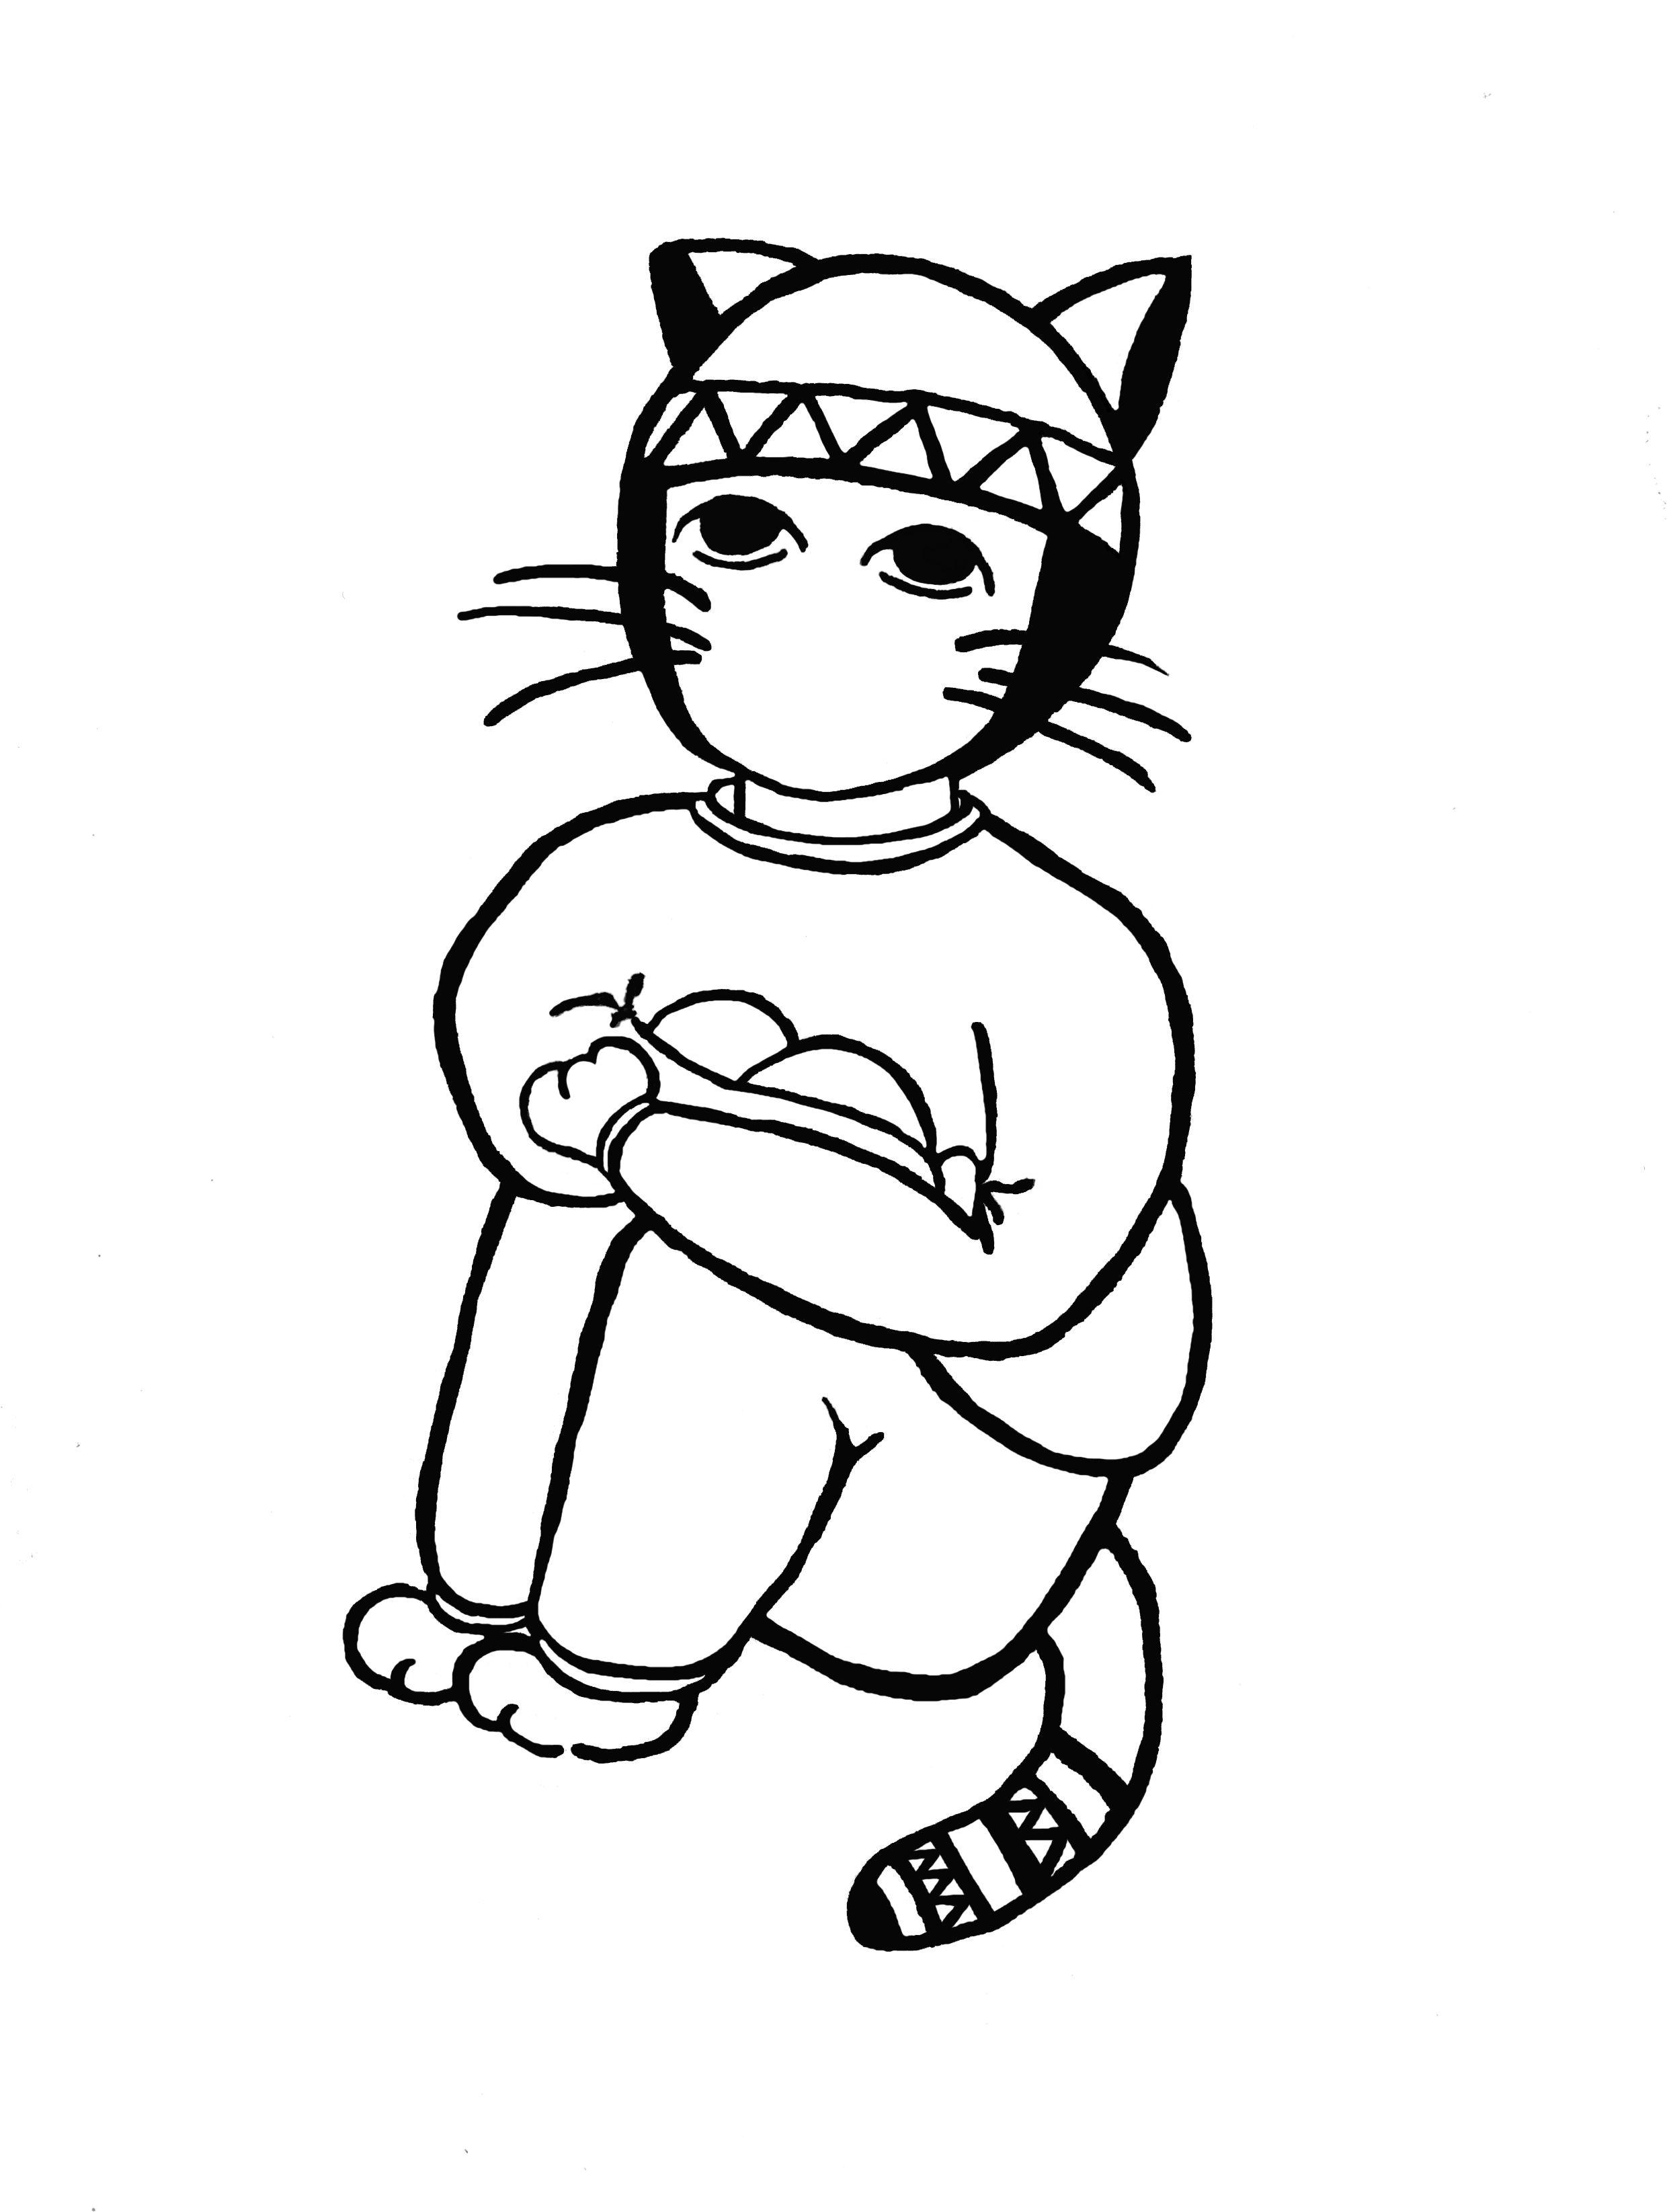 original illustration cat オリジナルのイラスト猫 『すうぇっとねこ